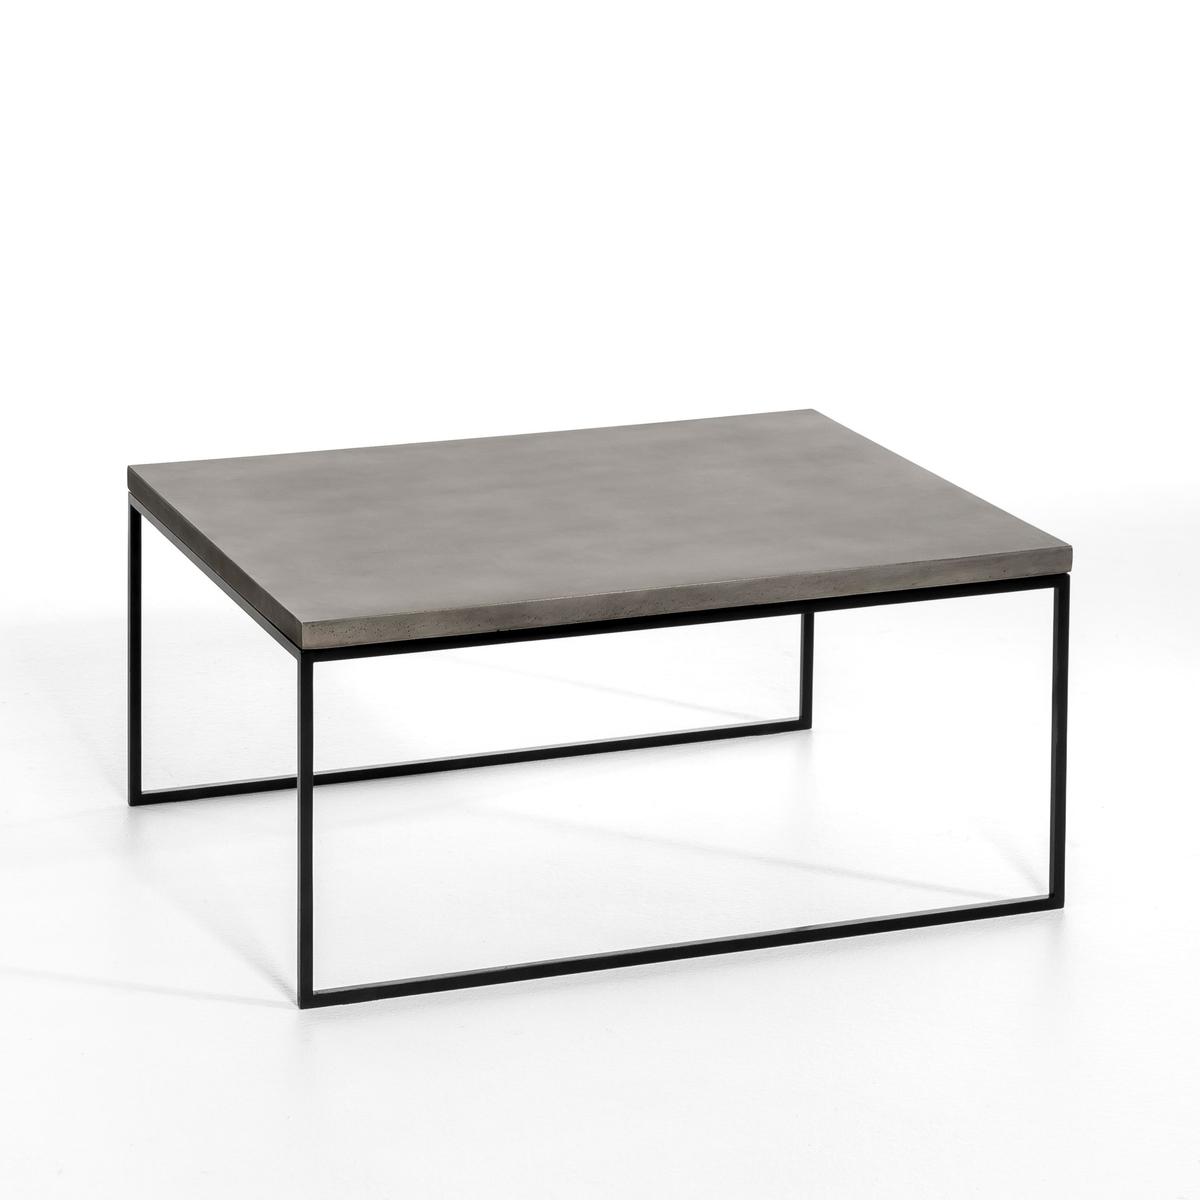 Стол журнальный Auralda, маленький стол журнальный auralda маленький